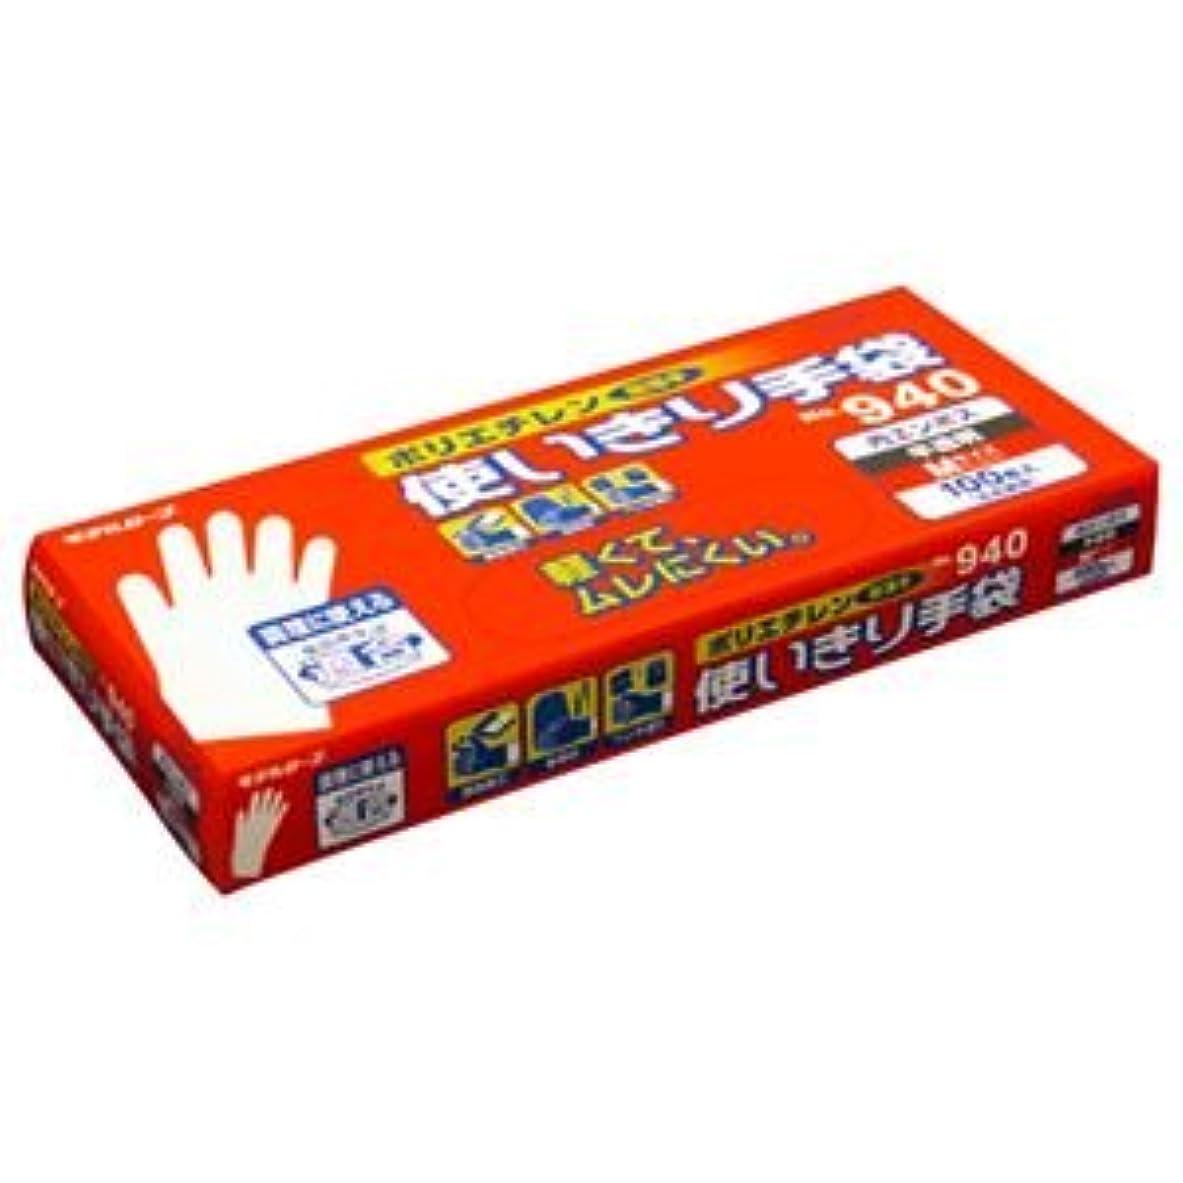 スツールおもしろいハム(まとめ) エステー No.940 ポリエチレン使いきり手袋(内エンボス) M 1箱(100枚) 【×10セット】 ds-1580600